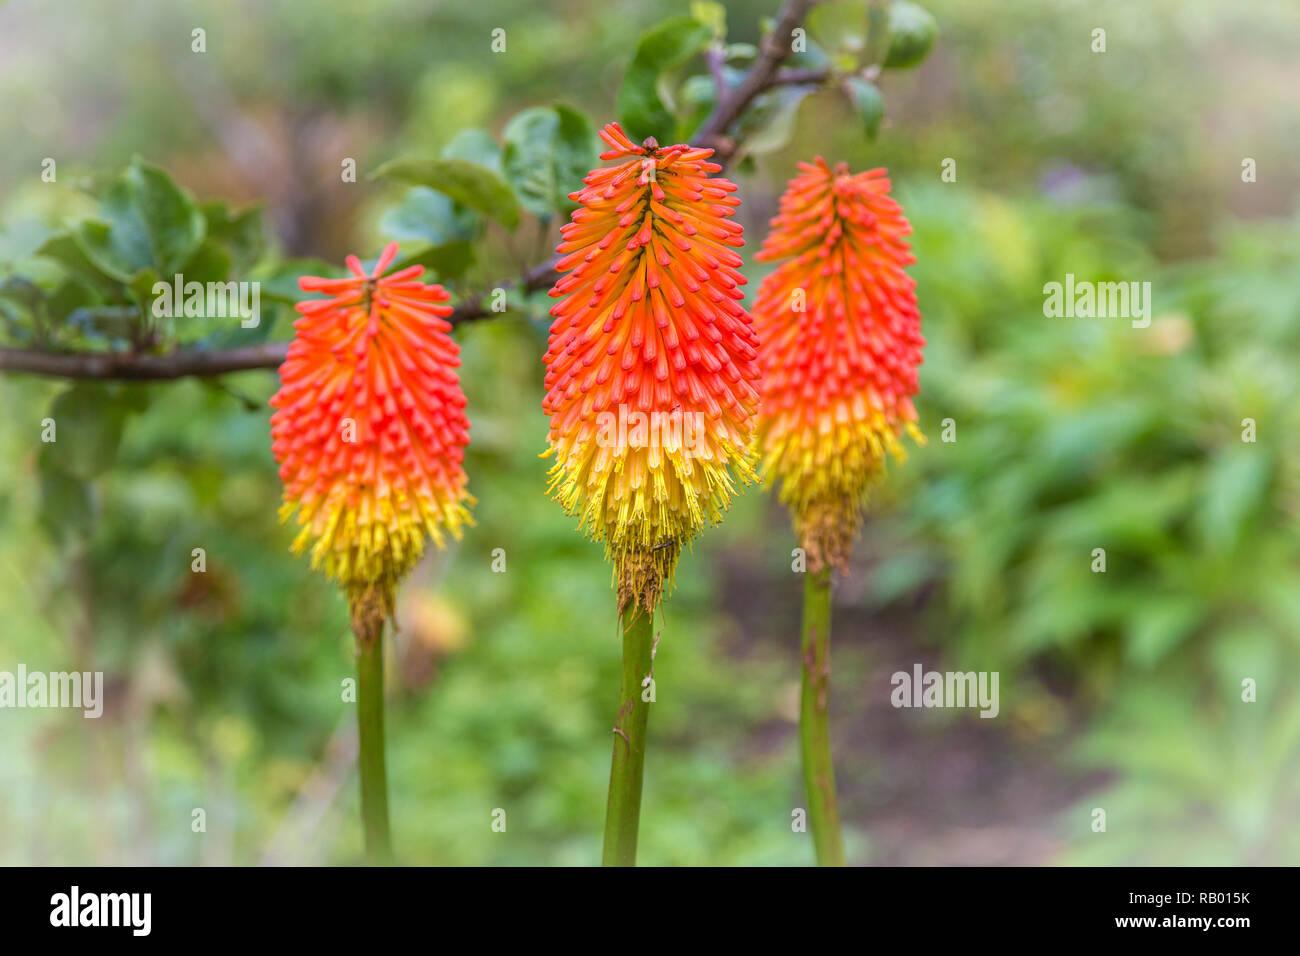 Fackellilie in einem irischen Garten - Stock Image